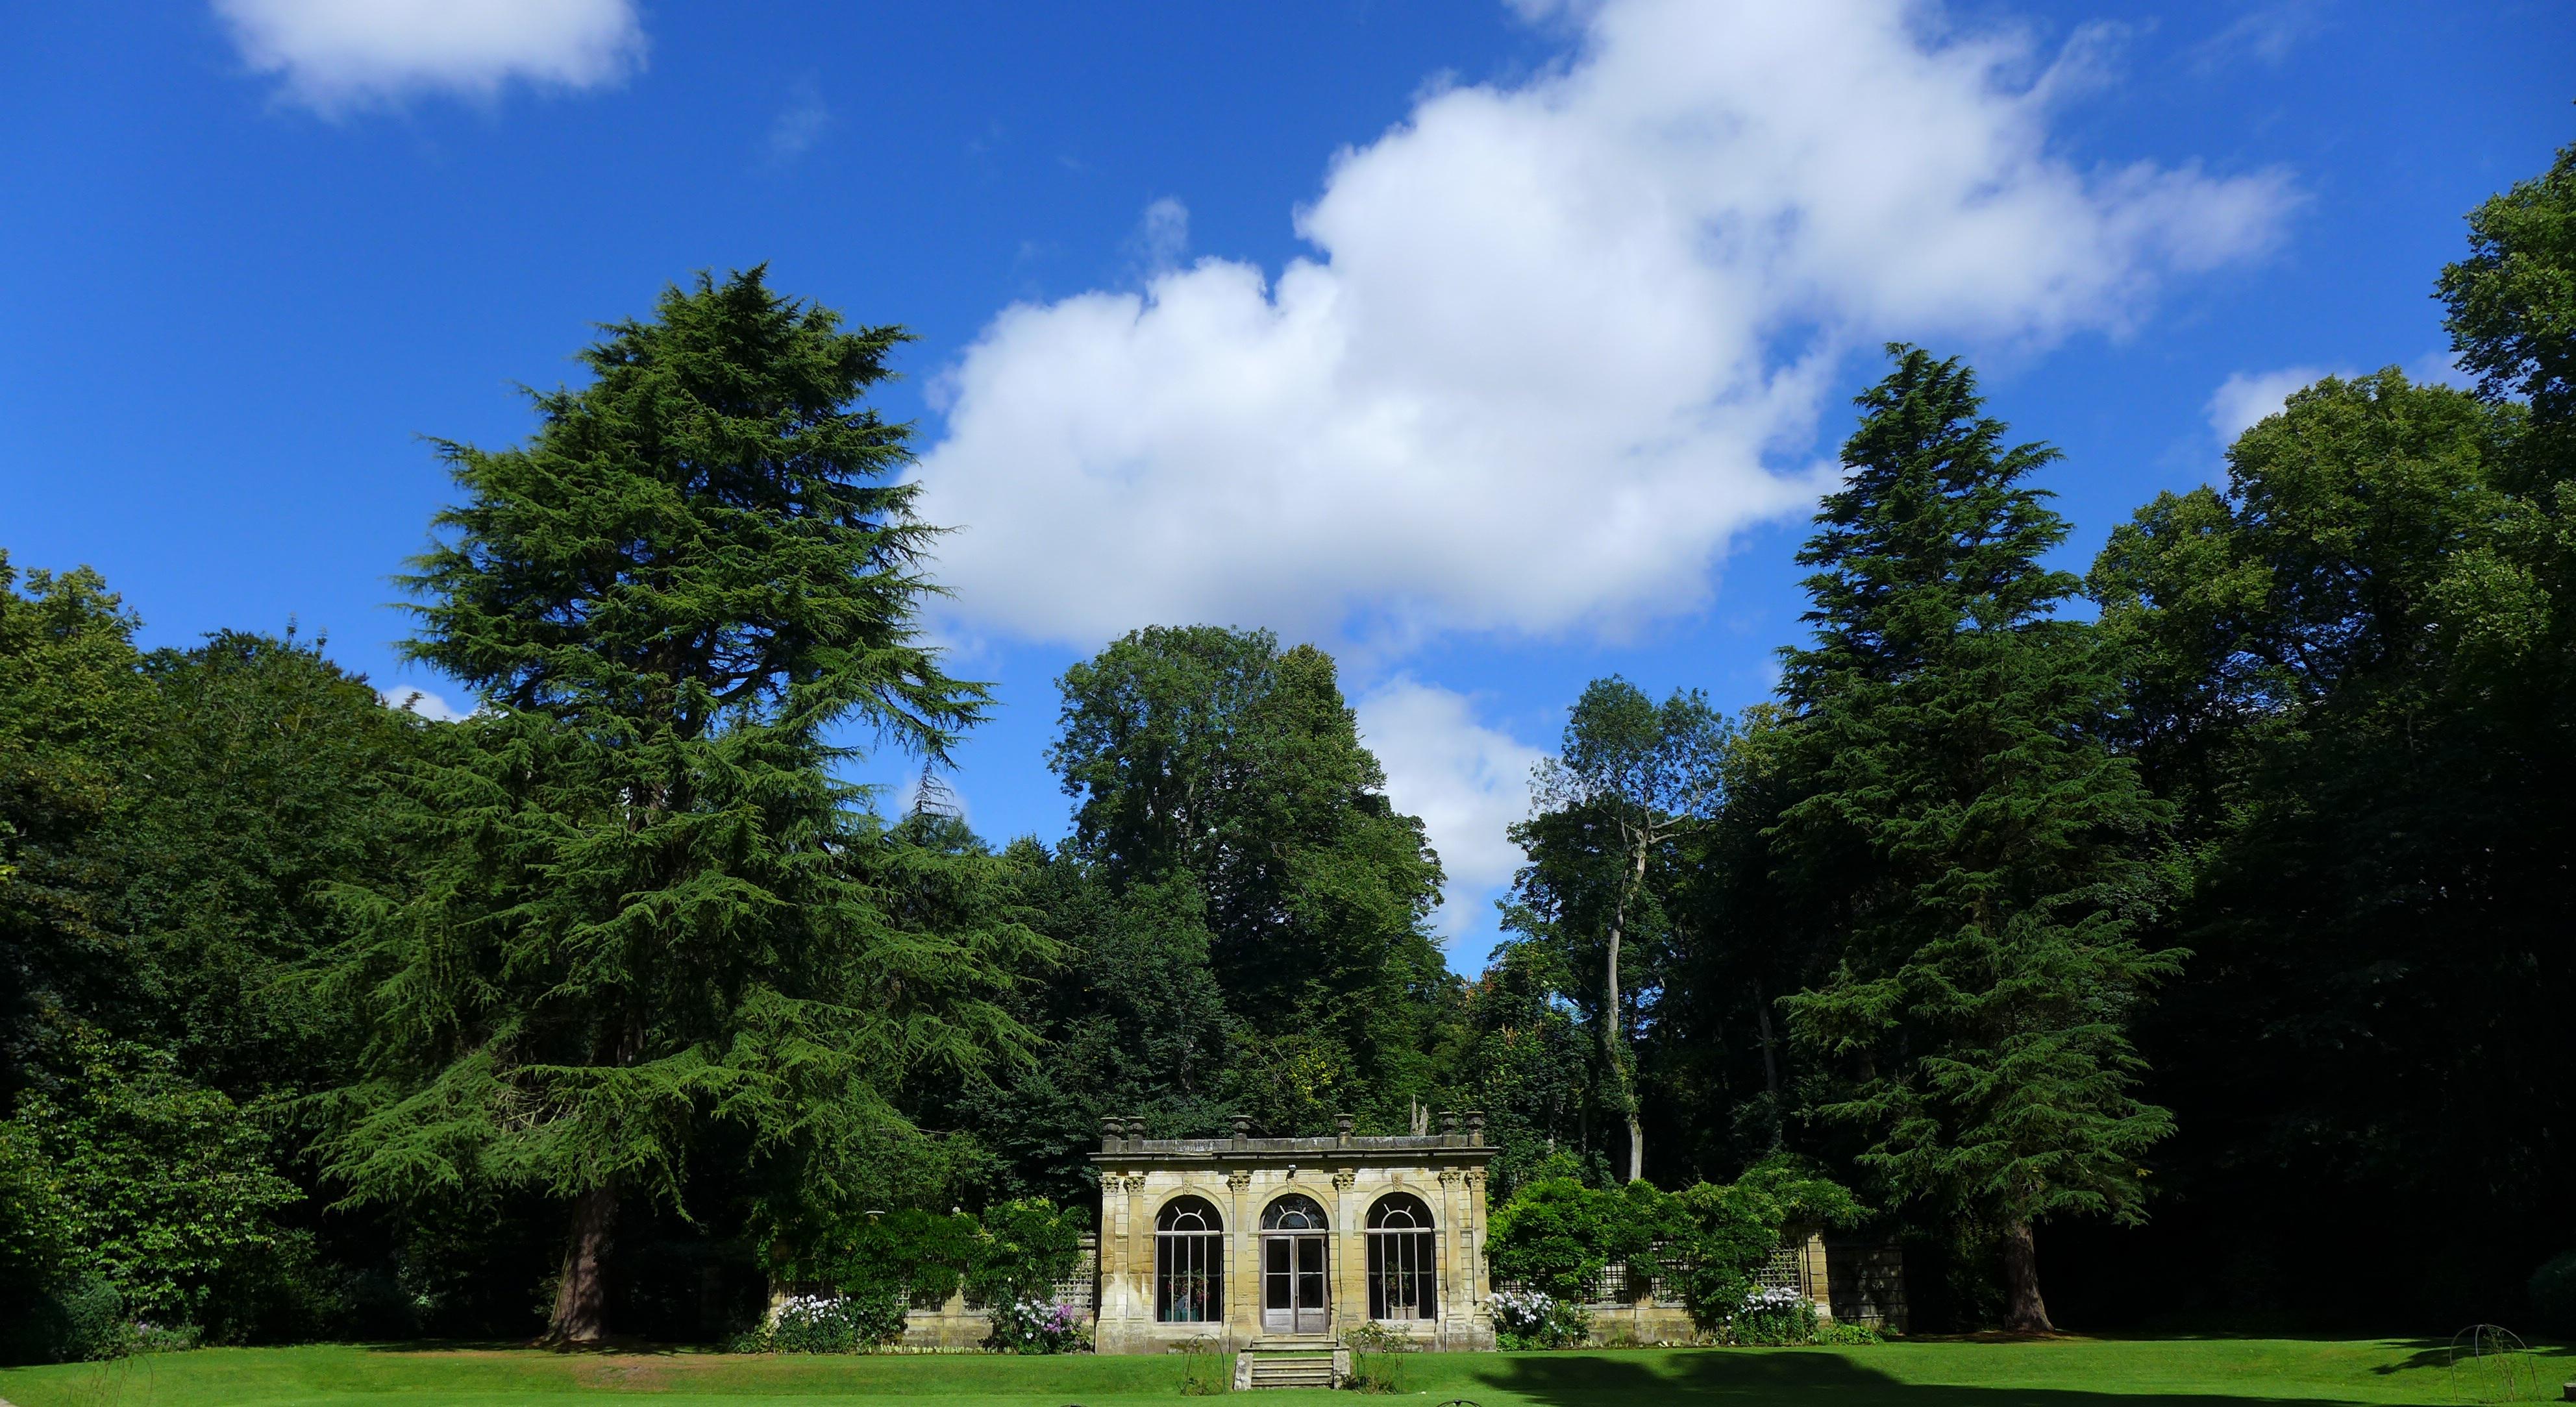 Duncombe Park Gardens